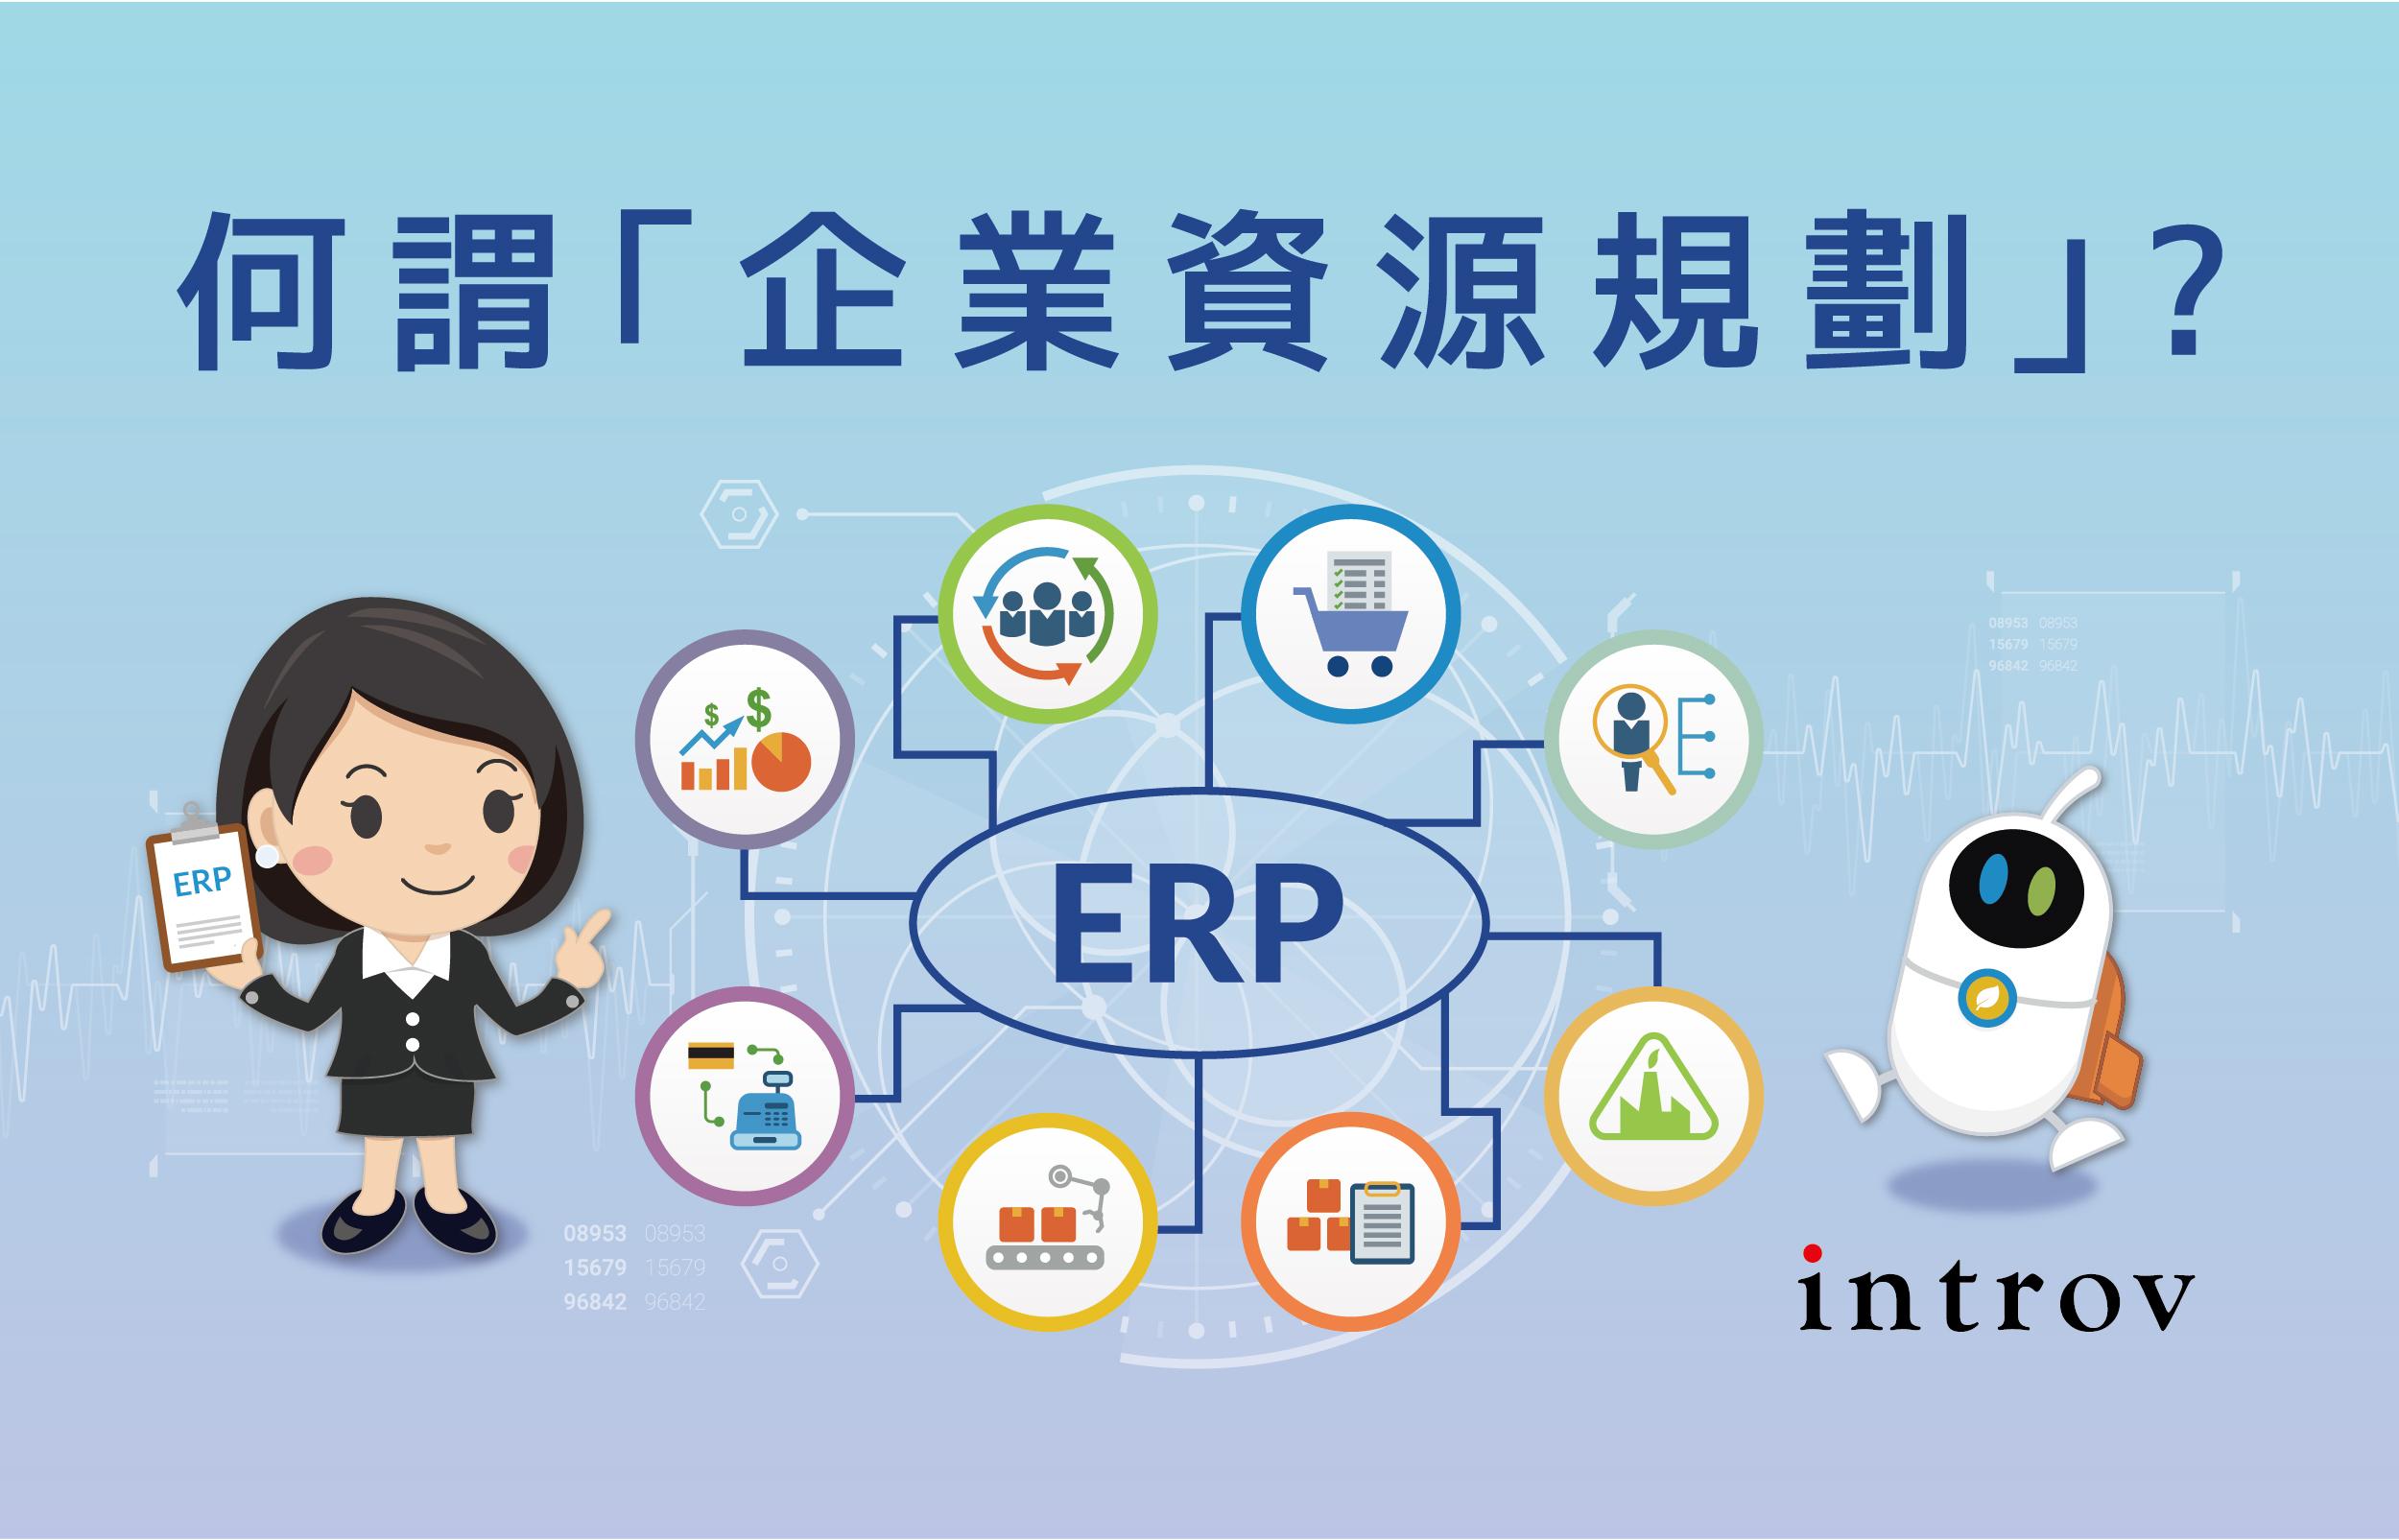 何謂 ERP(企業資源規劃)?